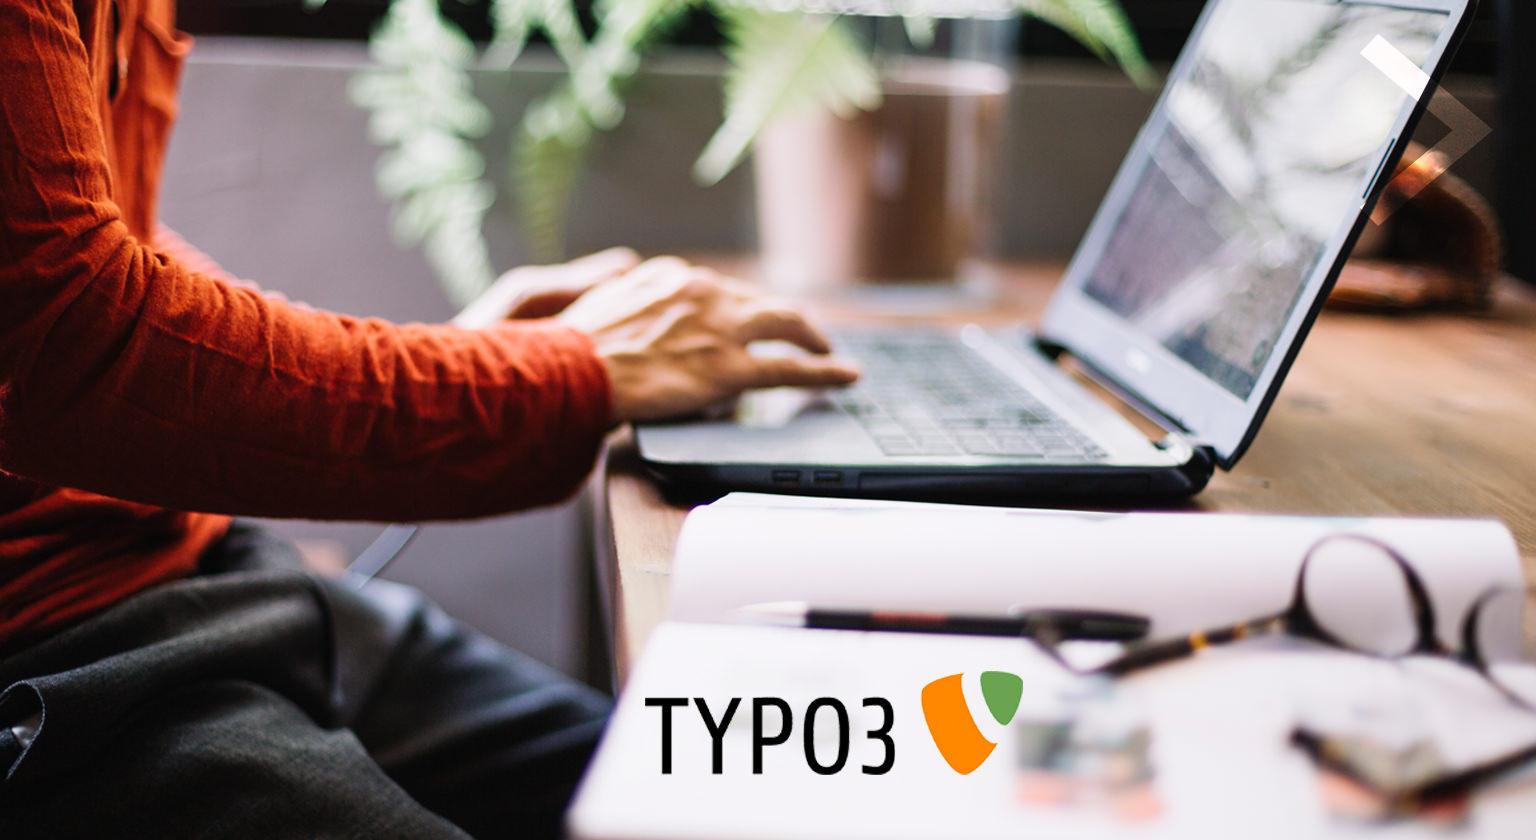 Typo3 und Wordpress im Vergleich